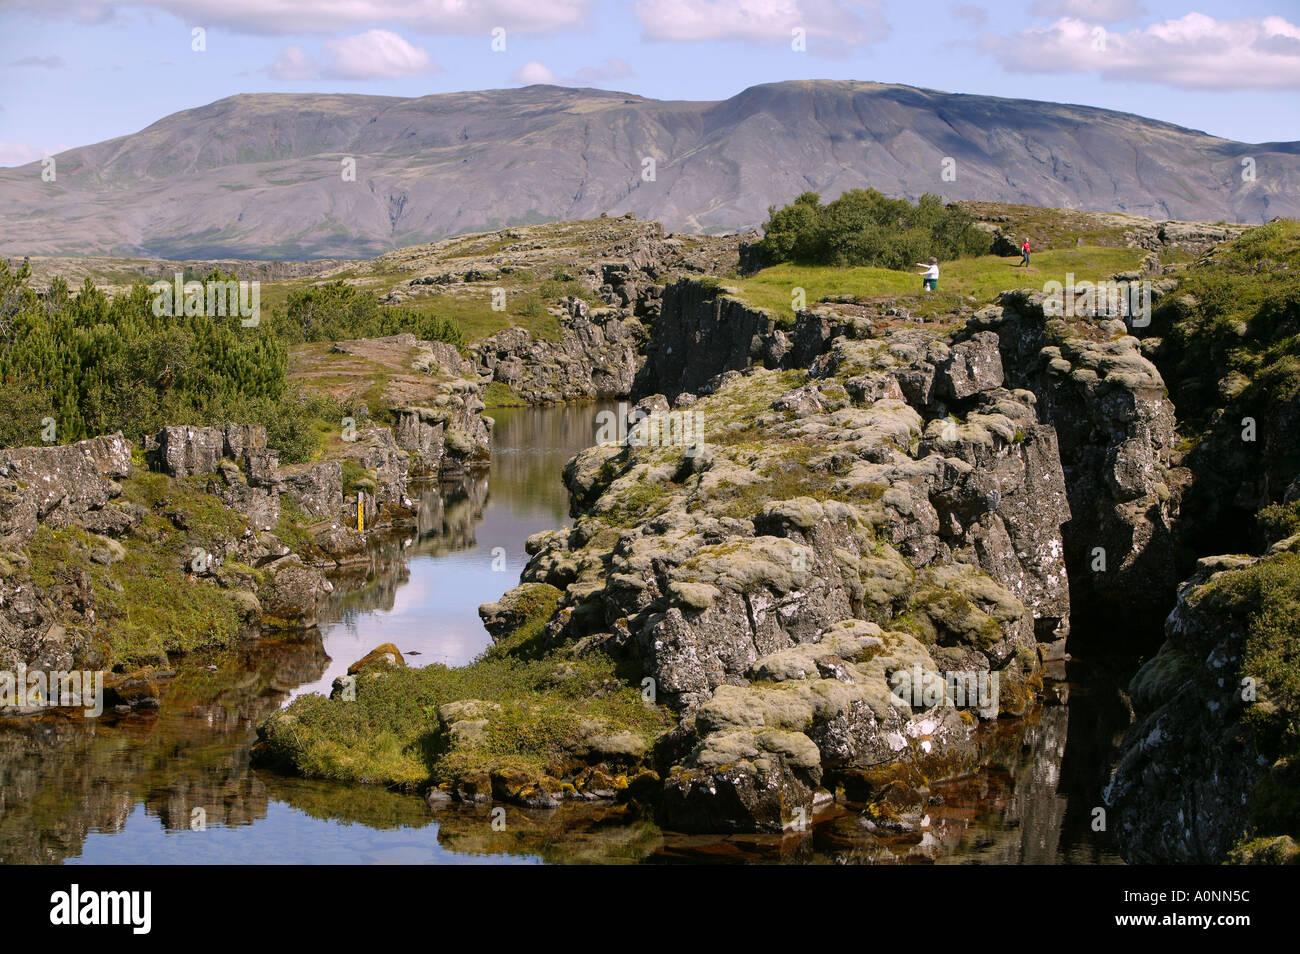 Le Parc National de Thingvellir Islande Photo Stock